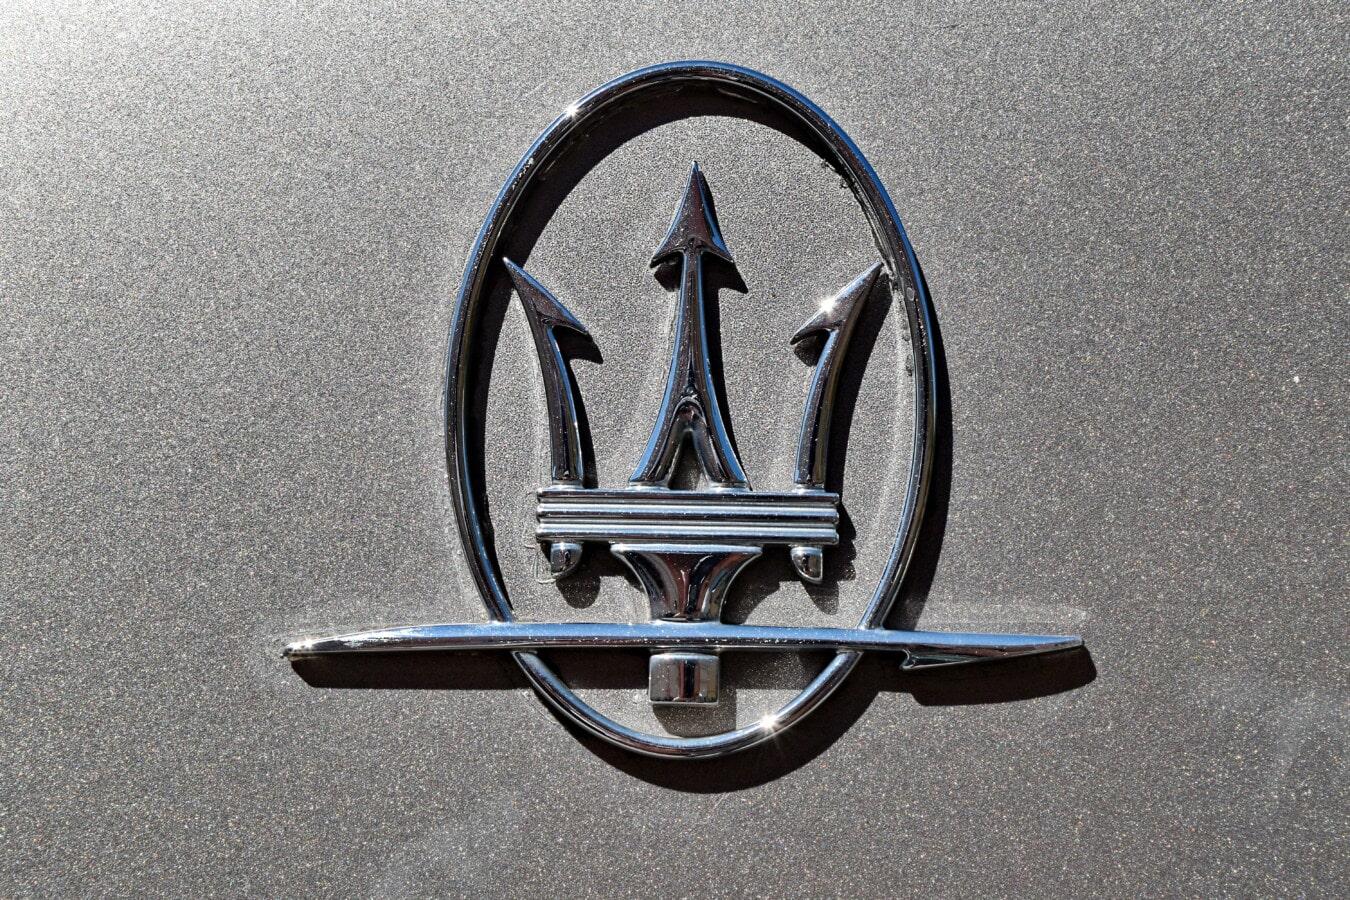 crom, Simbol, reflecţie, semn, masina, metalice, vopsea, urban, vehicul, arta